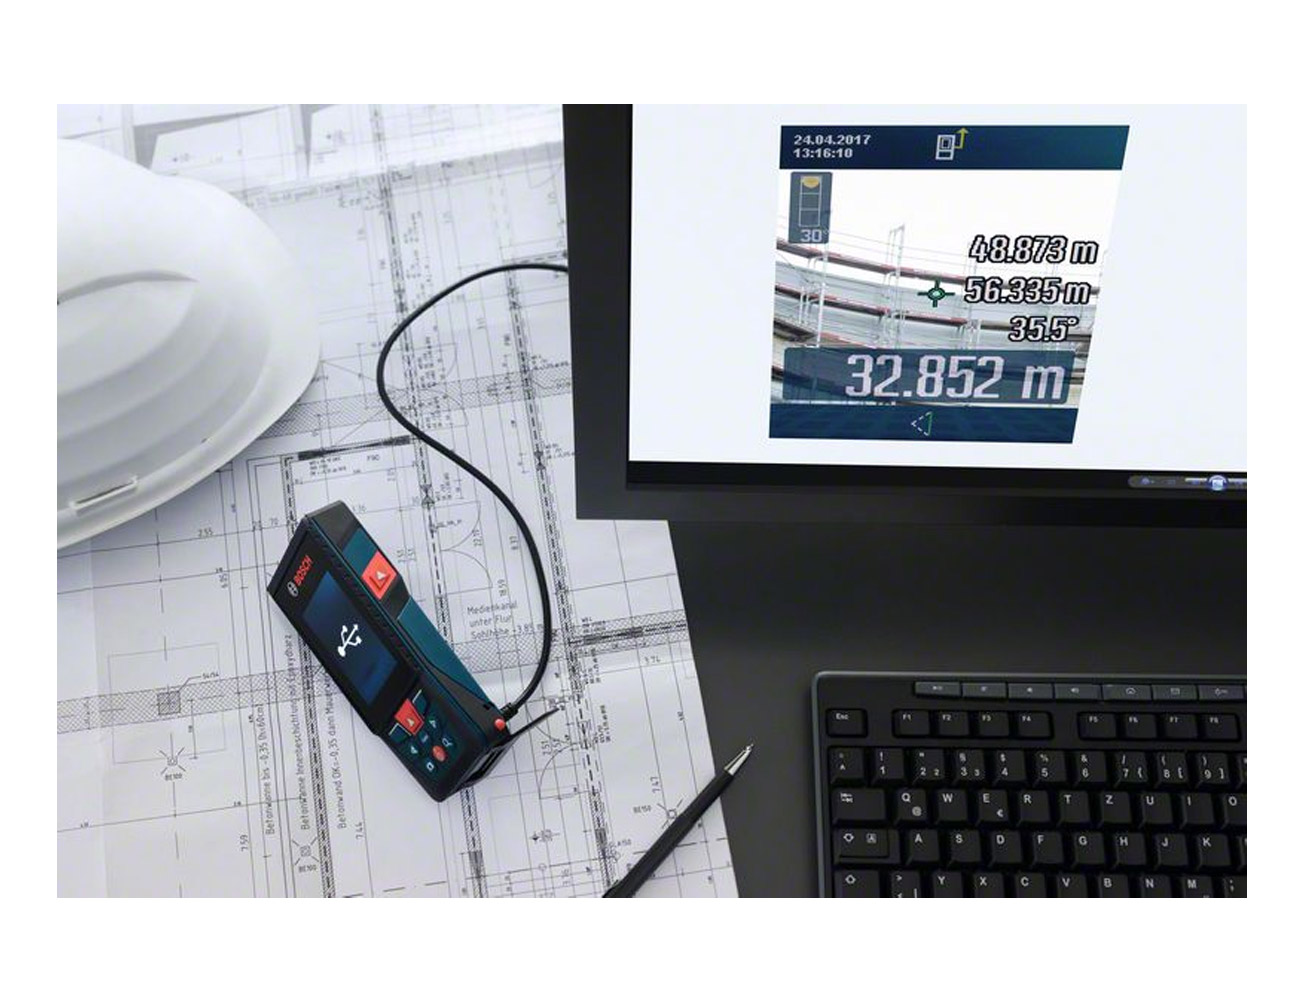 Bosch Entfernungsmesser Glm : Laser entfernungsmesser glm 120 c mit integrierter kamera und